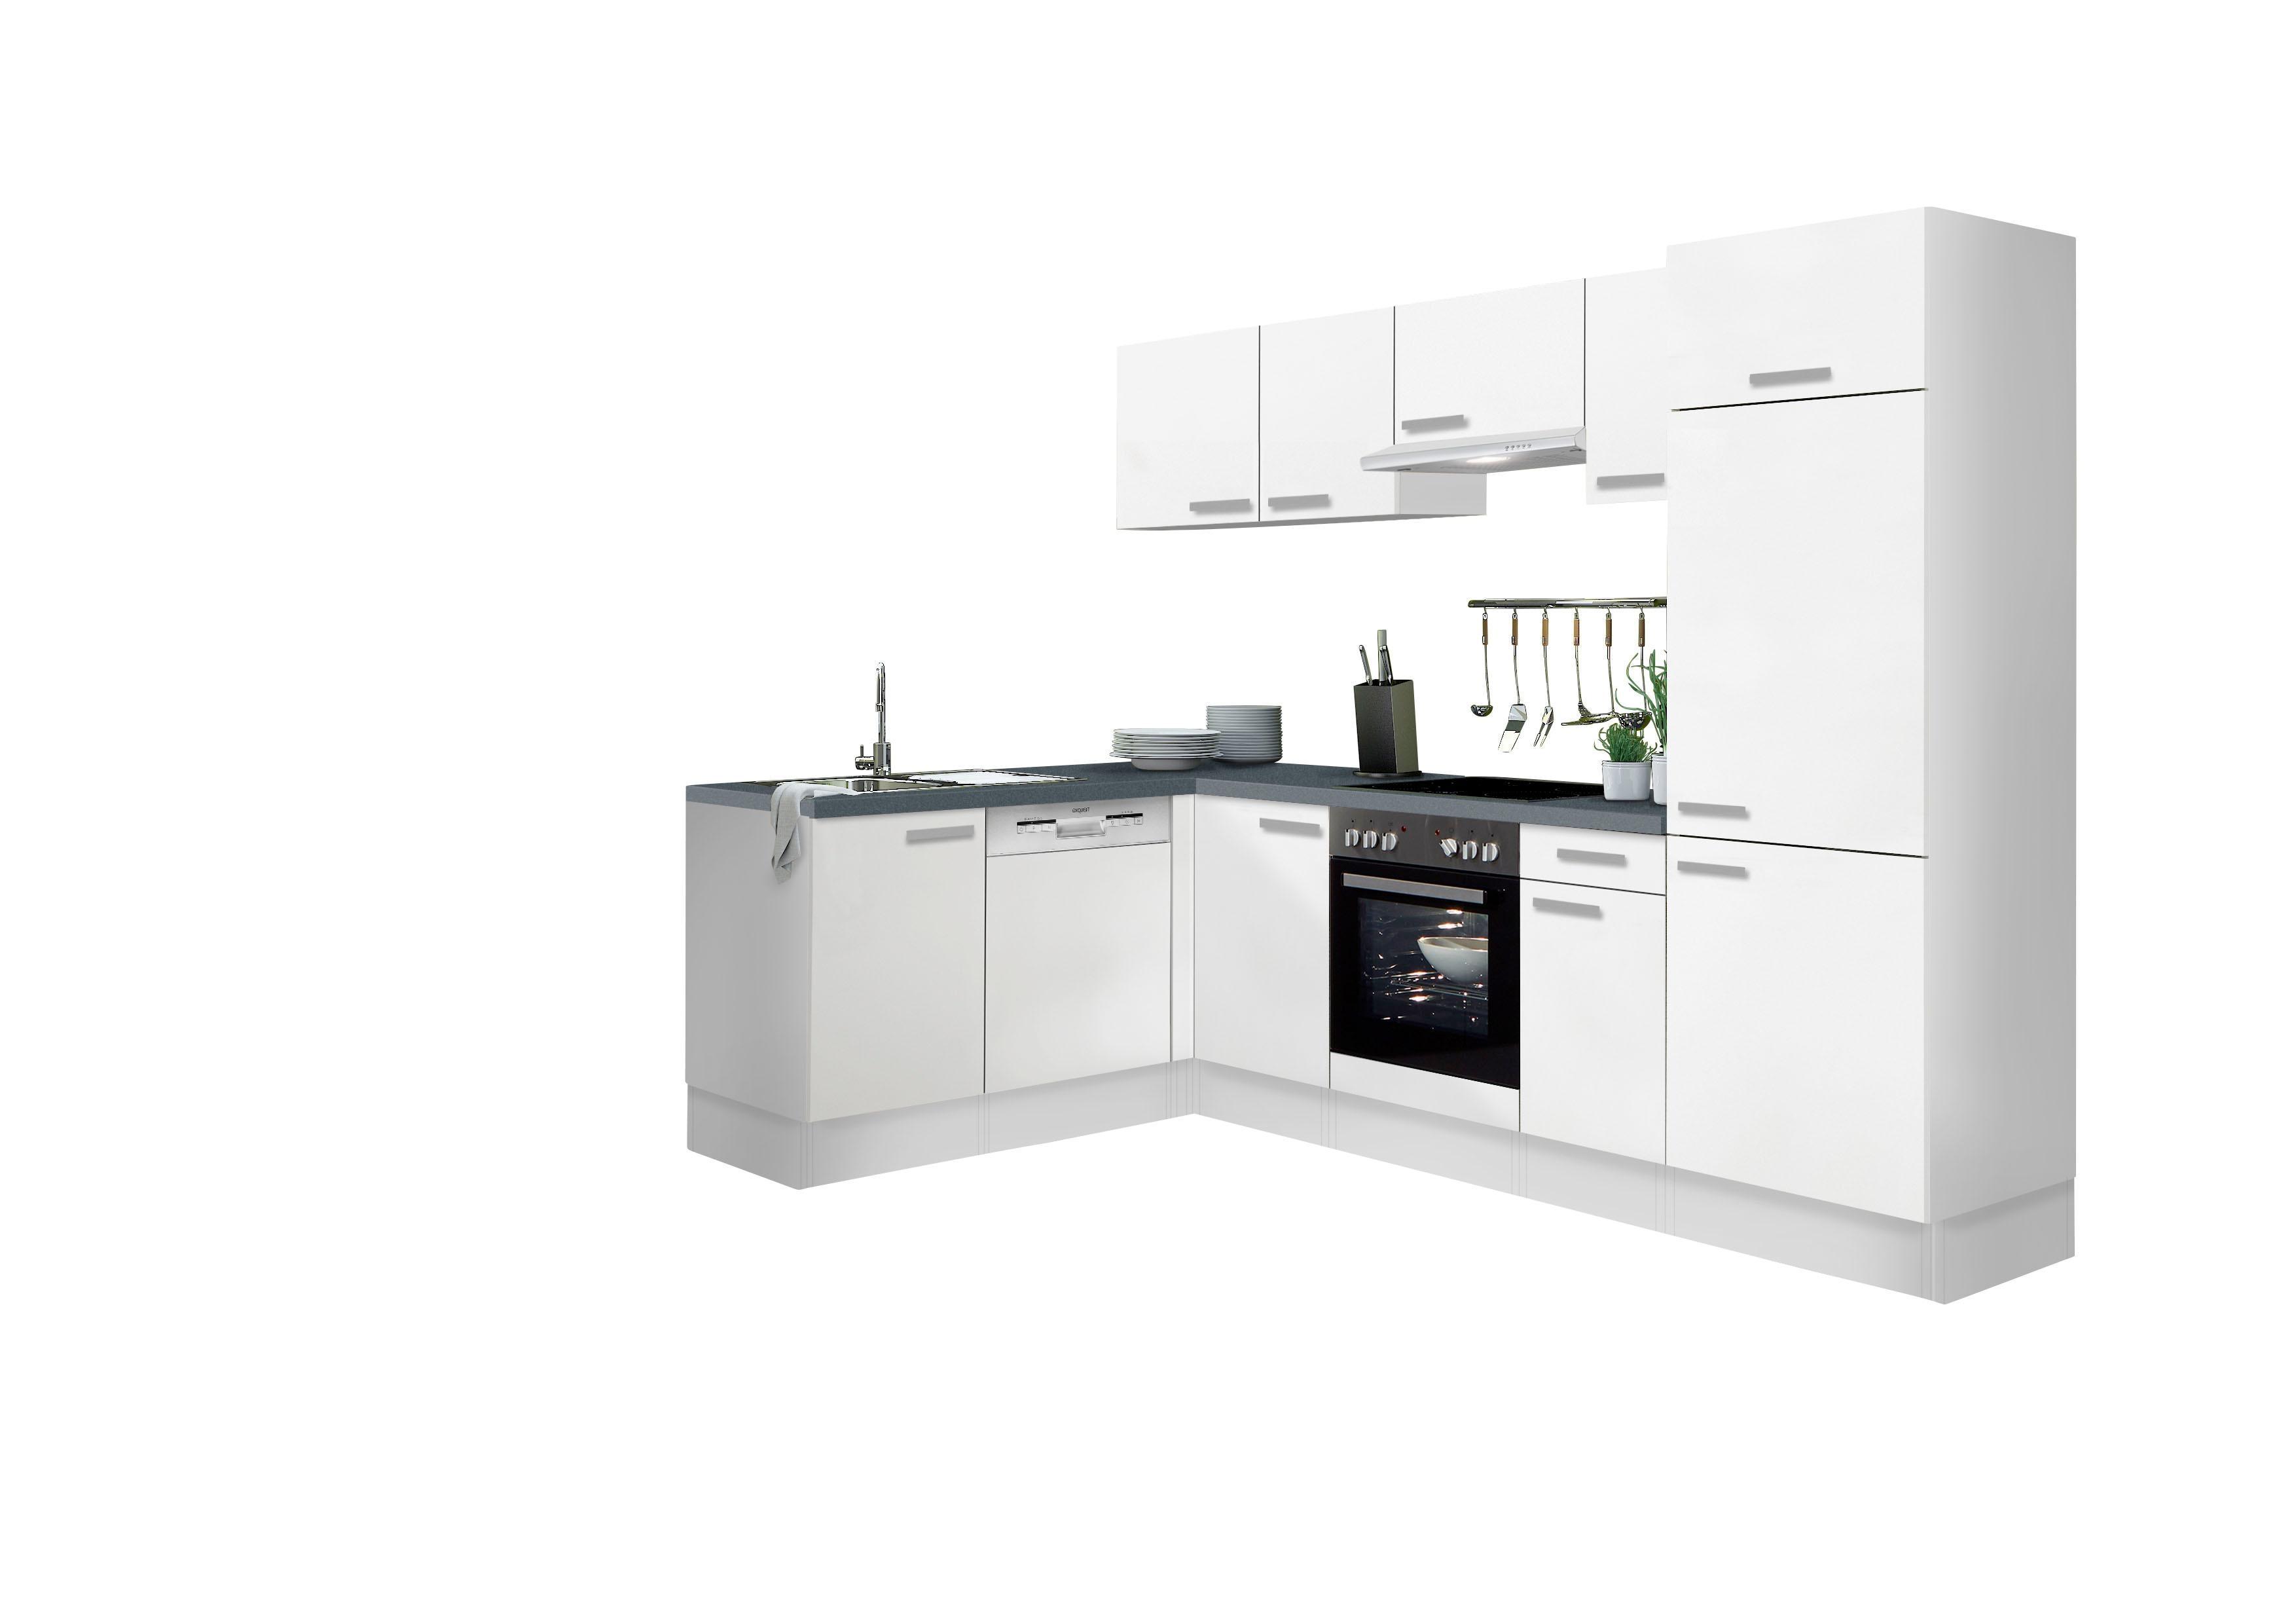 OPTIFIT Winkelküche Odense mit E-Geräten Stellbreite 275 x 175 cm